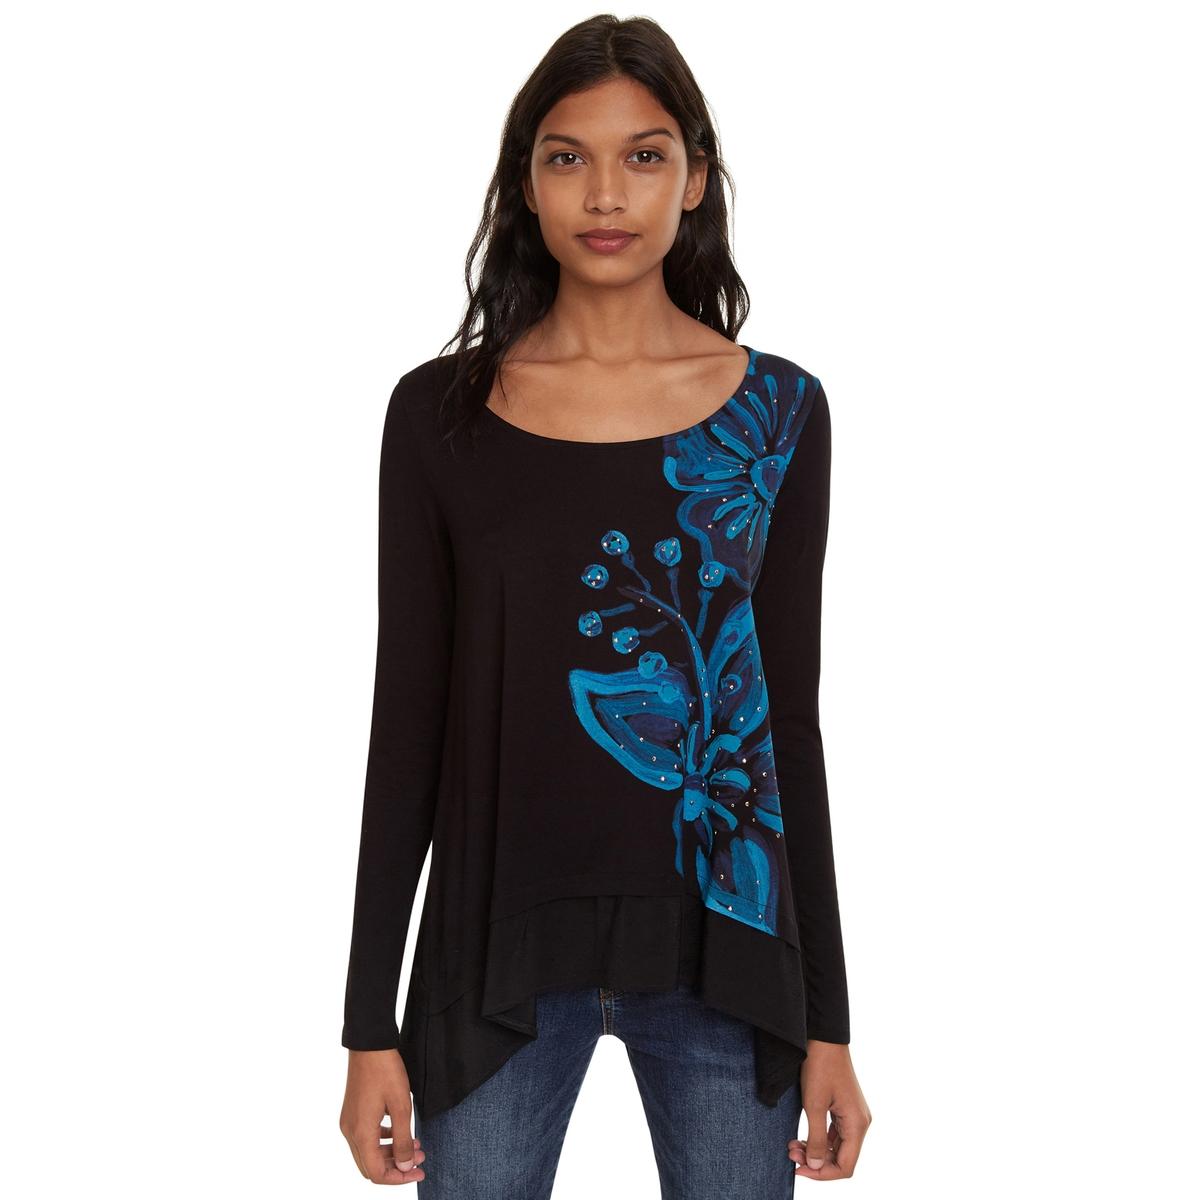 Camiseta Lena de manga larga, con corte en asimetría